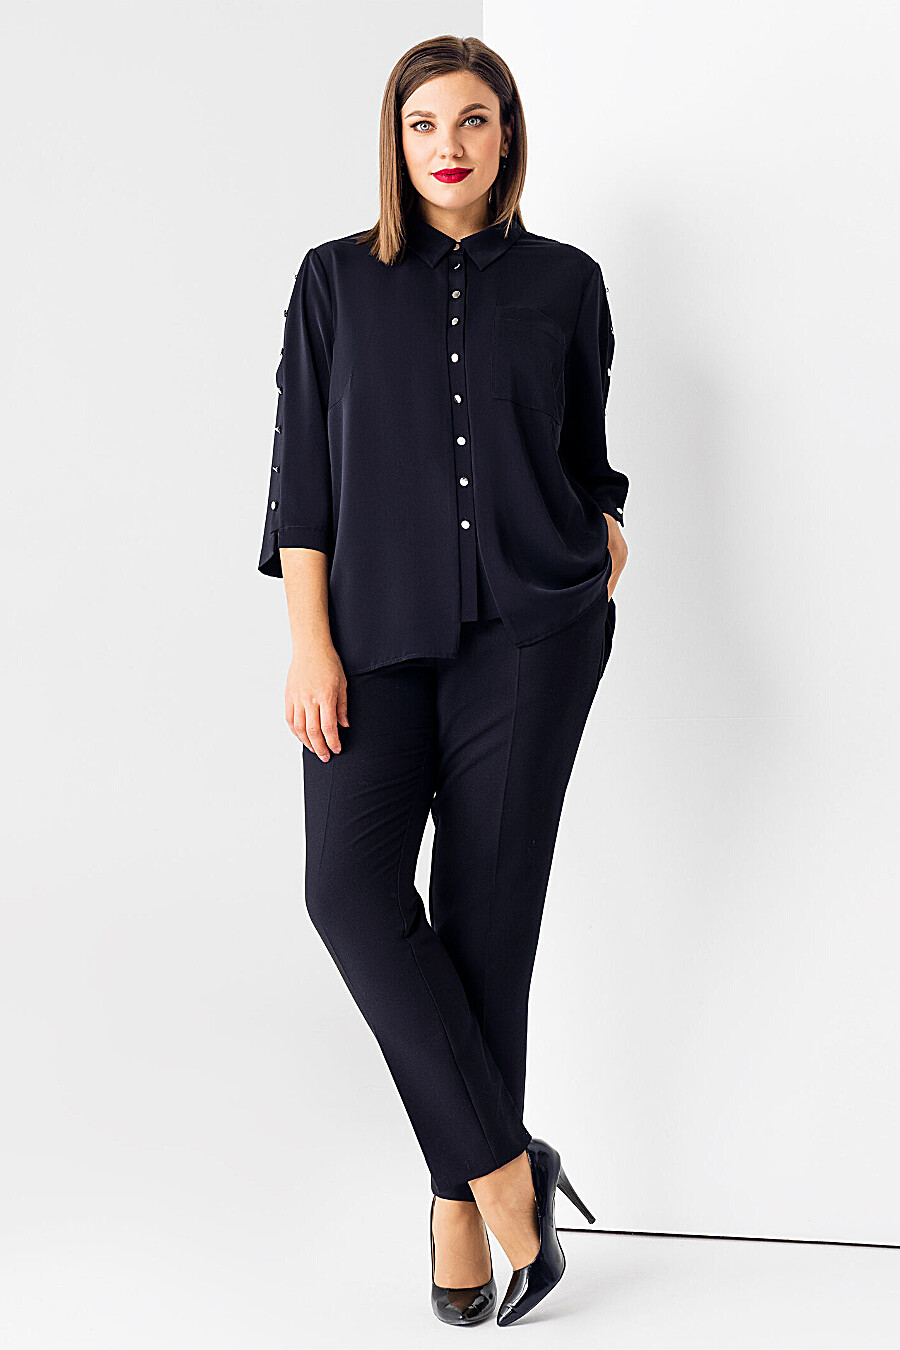 Блуза для женщин PANDA 700507 купить оптом от производителя. Совместная покупка женской одежды в OptMoyo